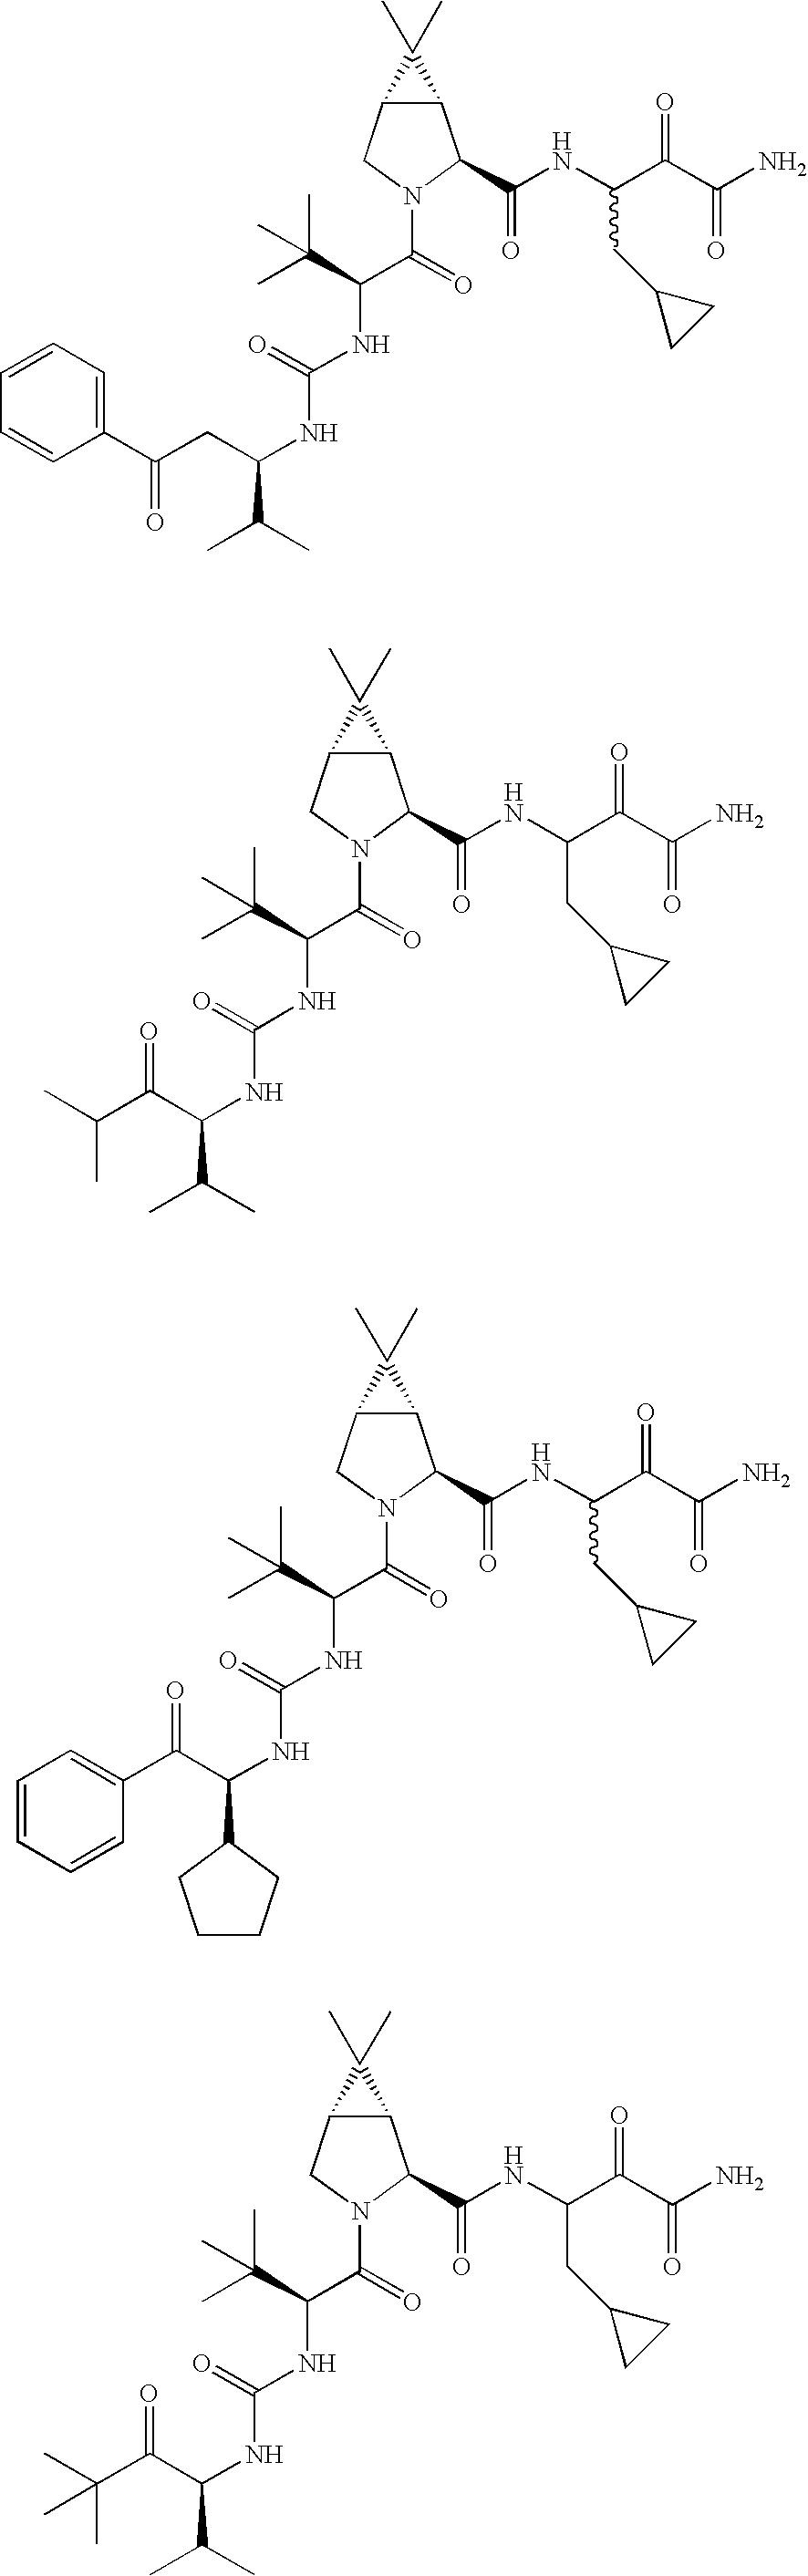 Figure US20060287248A1-20061221-C00220